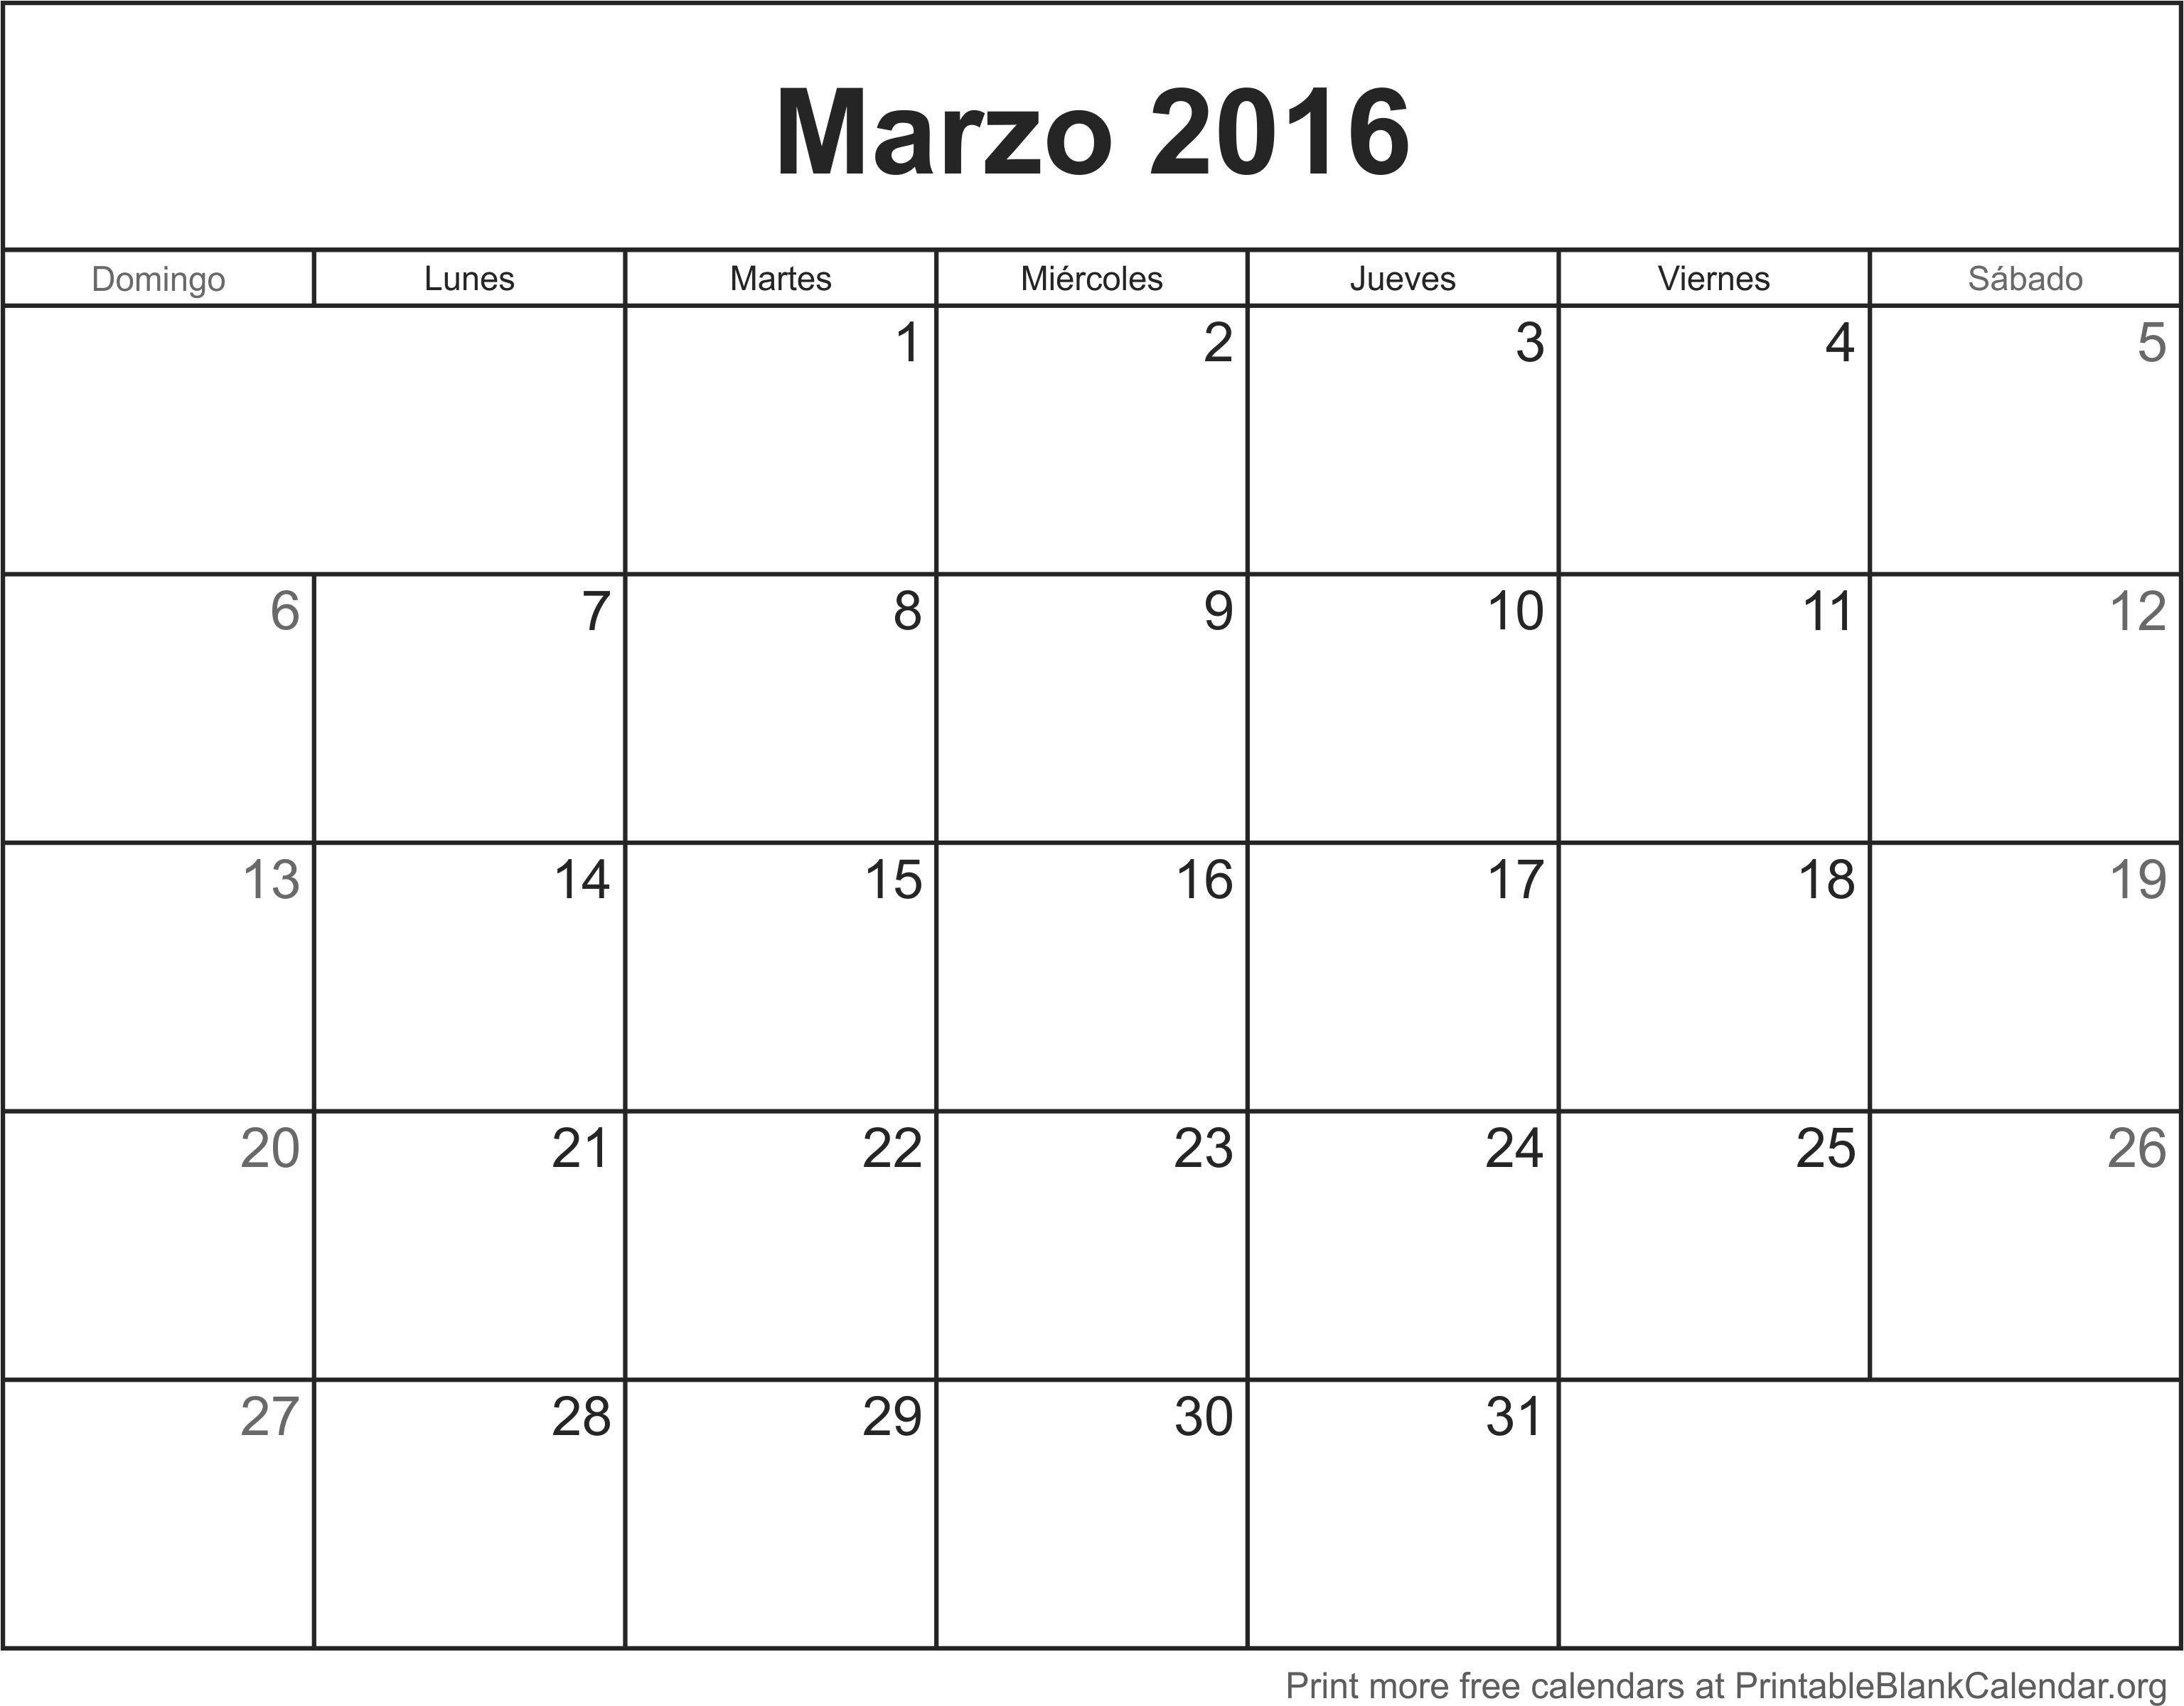 Calendario Para Imprimir 2019 Mexico Más Recientes Best Calendario De Marzo 2016 Para Imprimir Image Collection